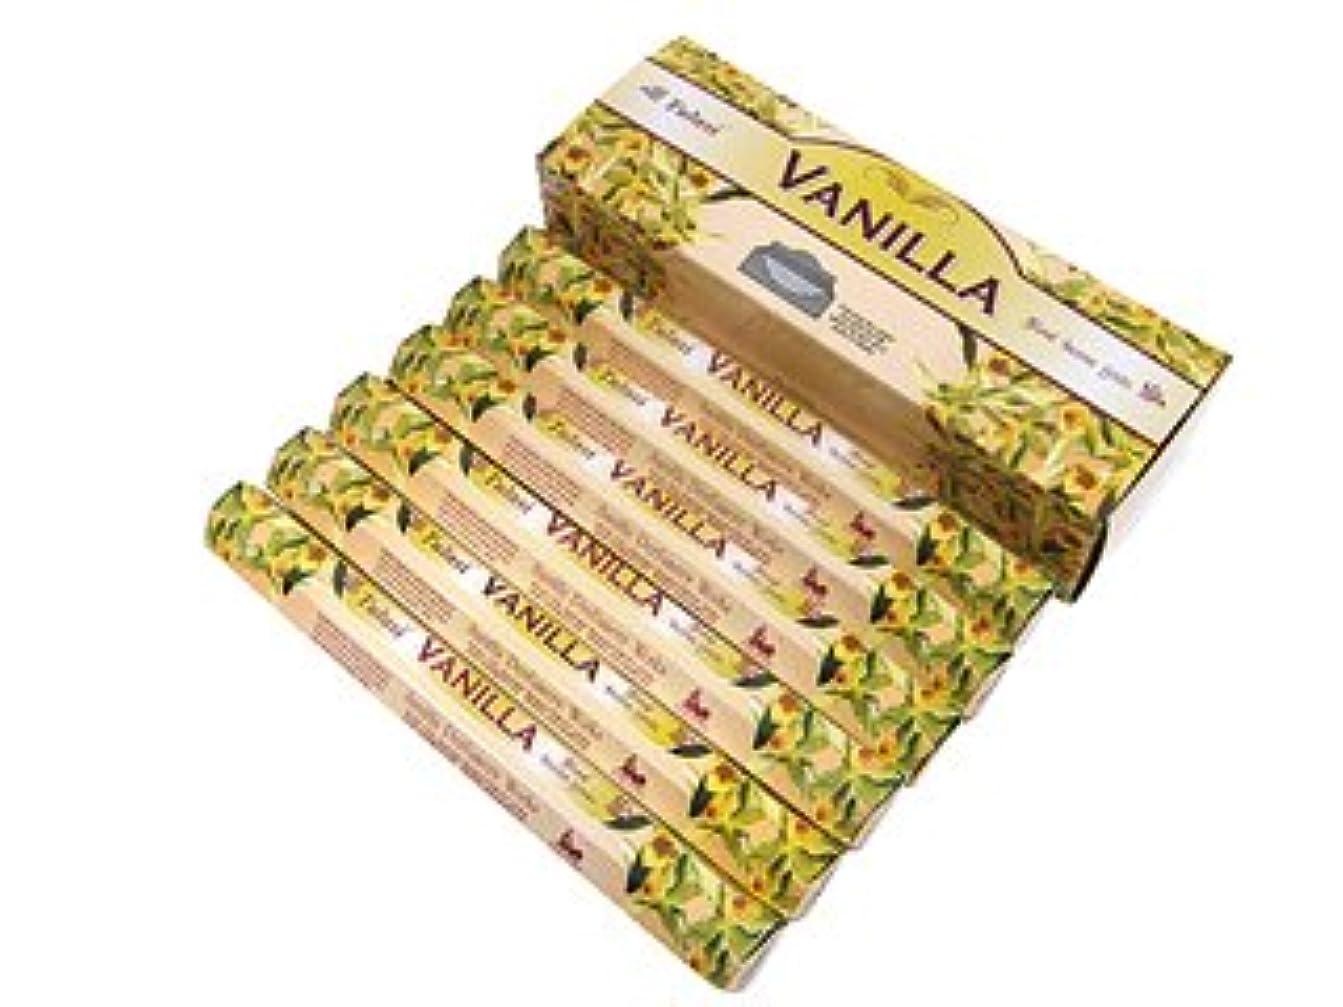 役割時々コスチュームTULASI(トゥラシ) バニラ香 スティック VANILLA 6箱セット